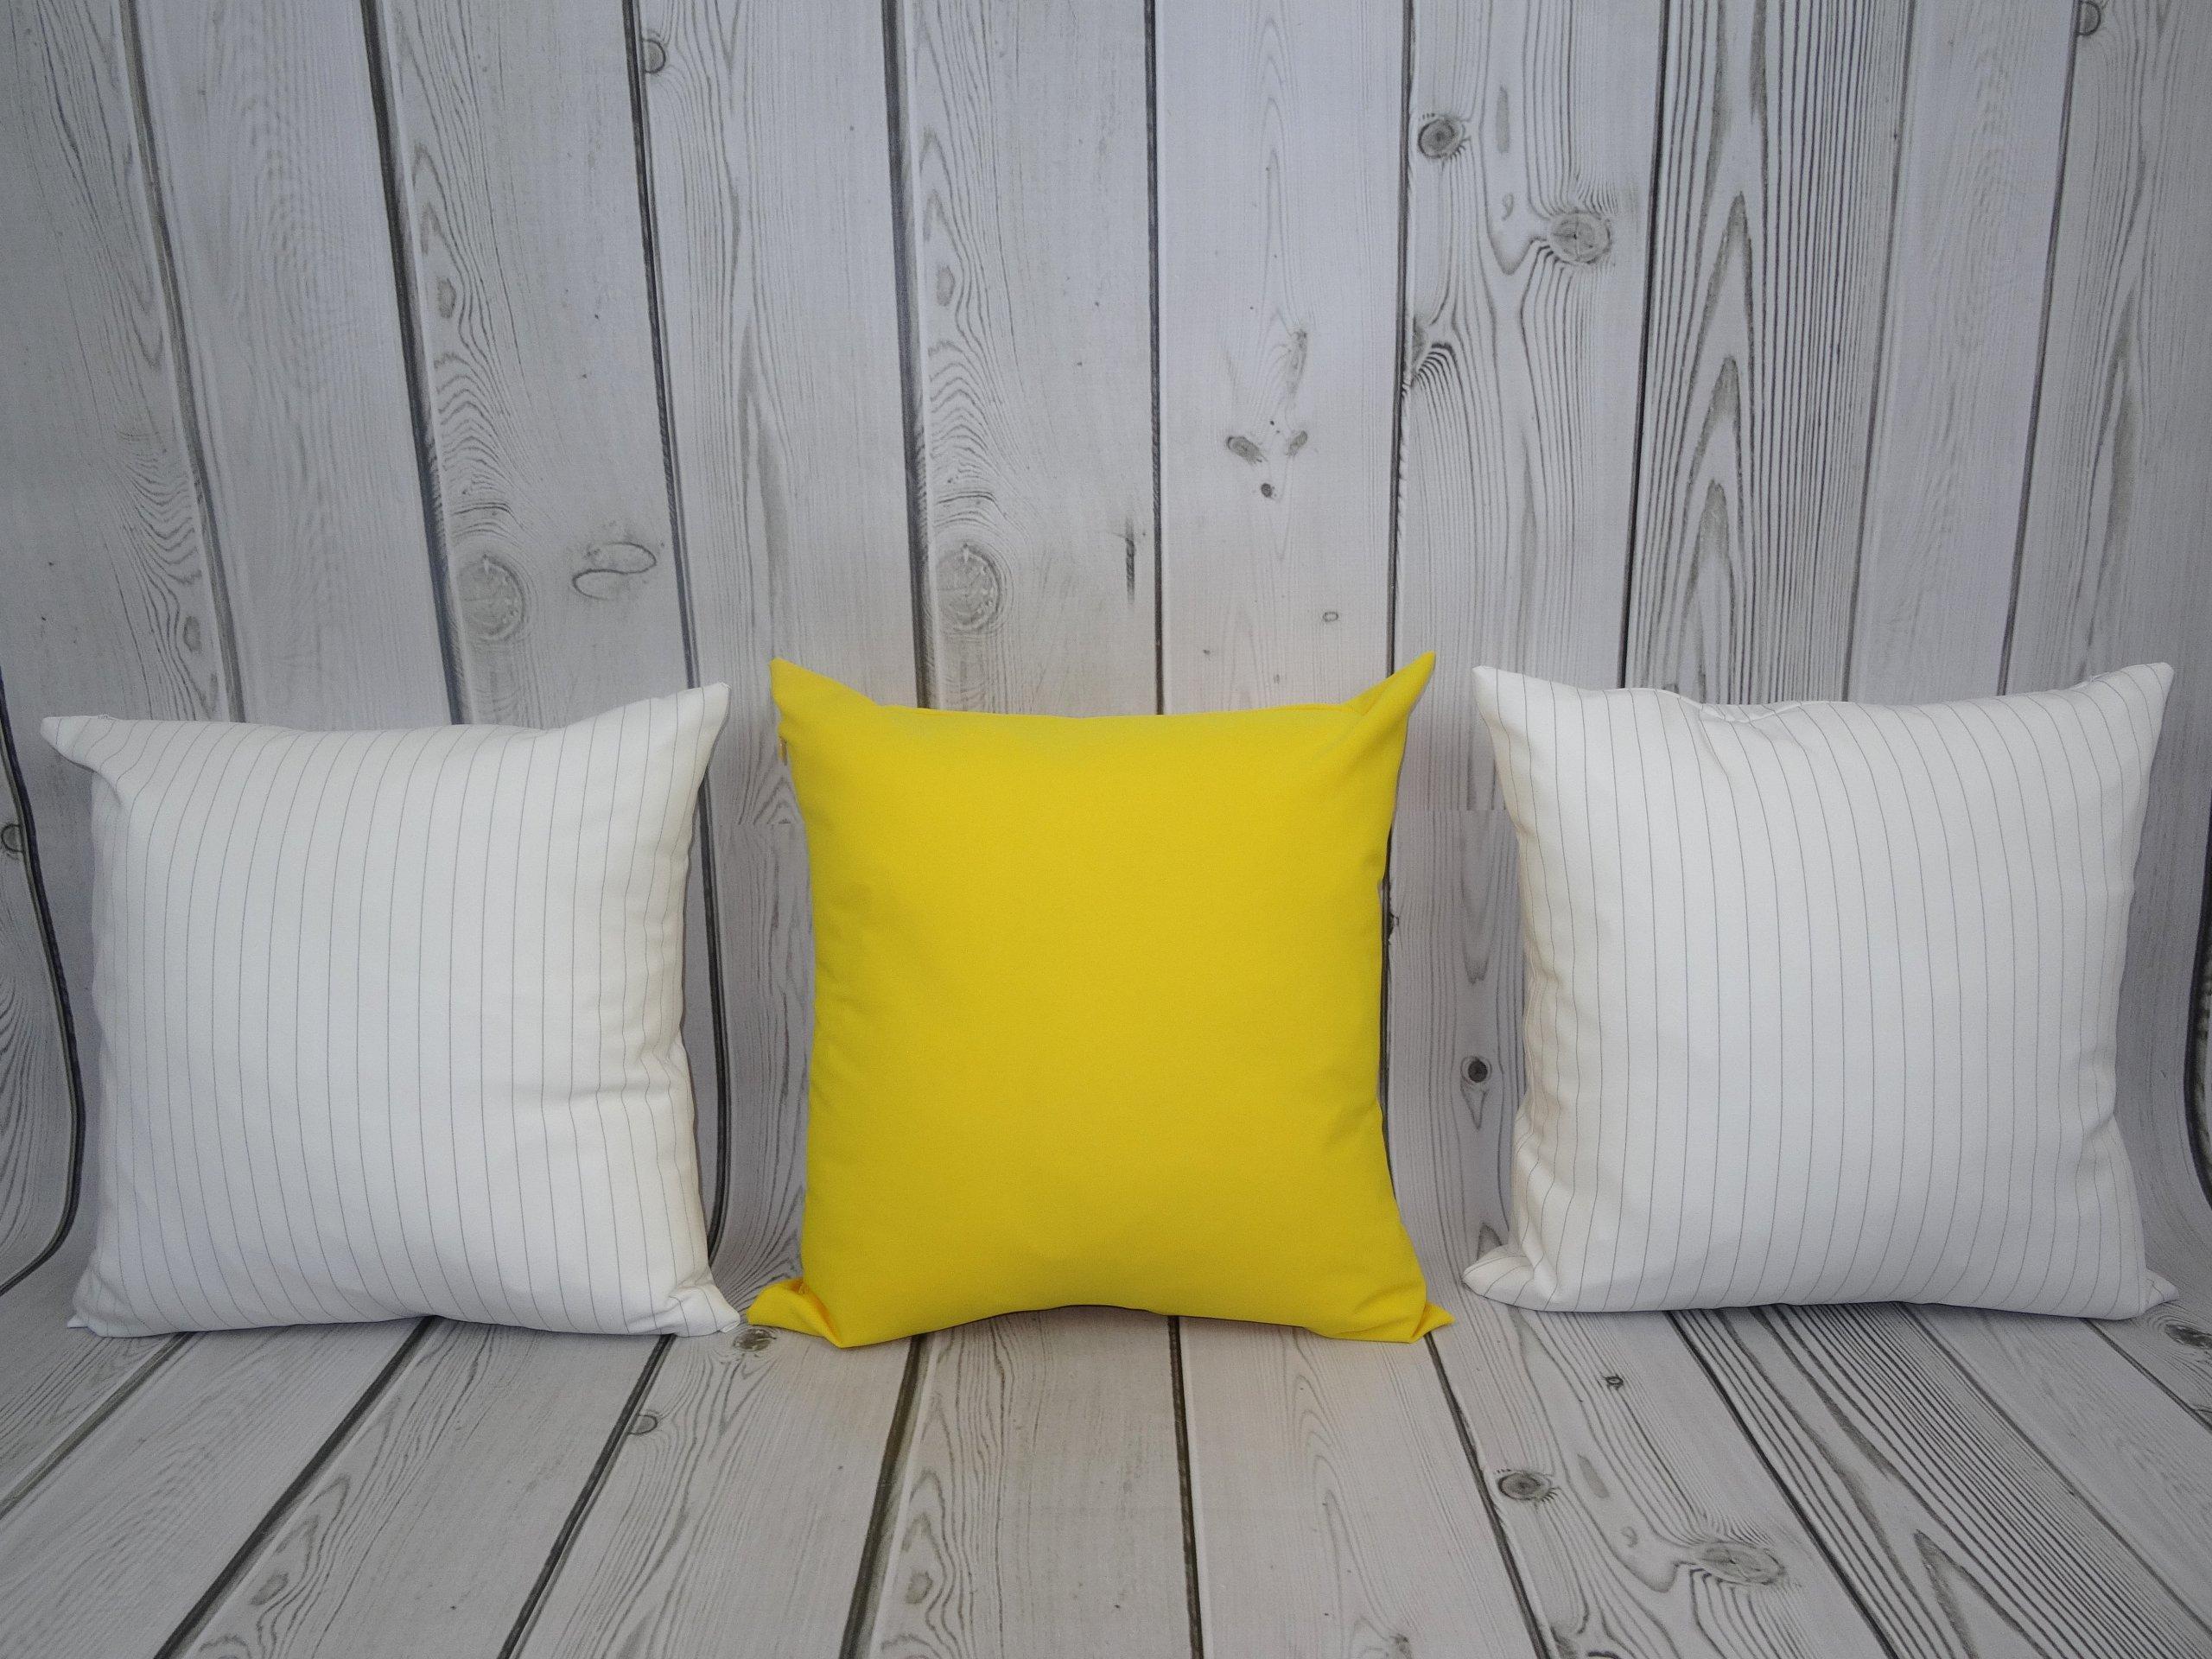 3 Poduszki Dekoracyjne Białe W Paski I żółta 7215821858